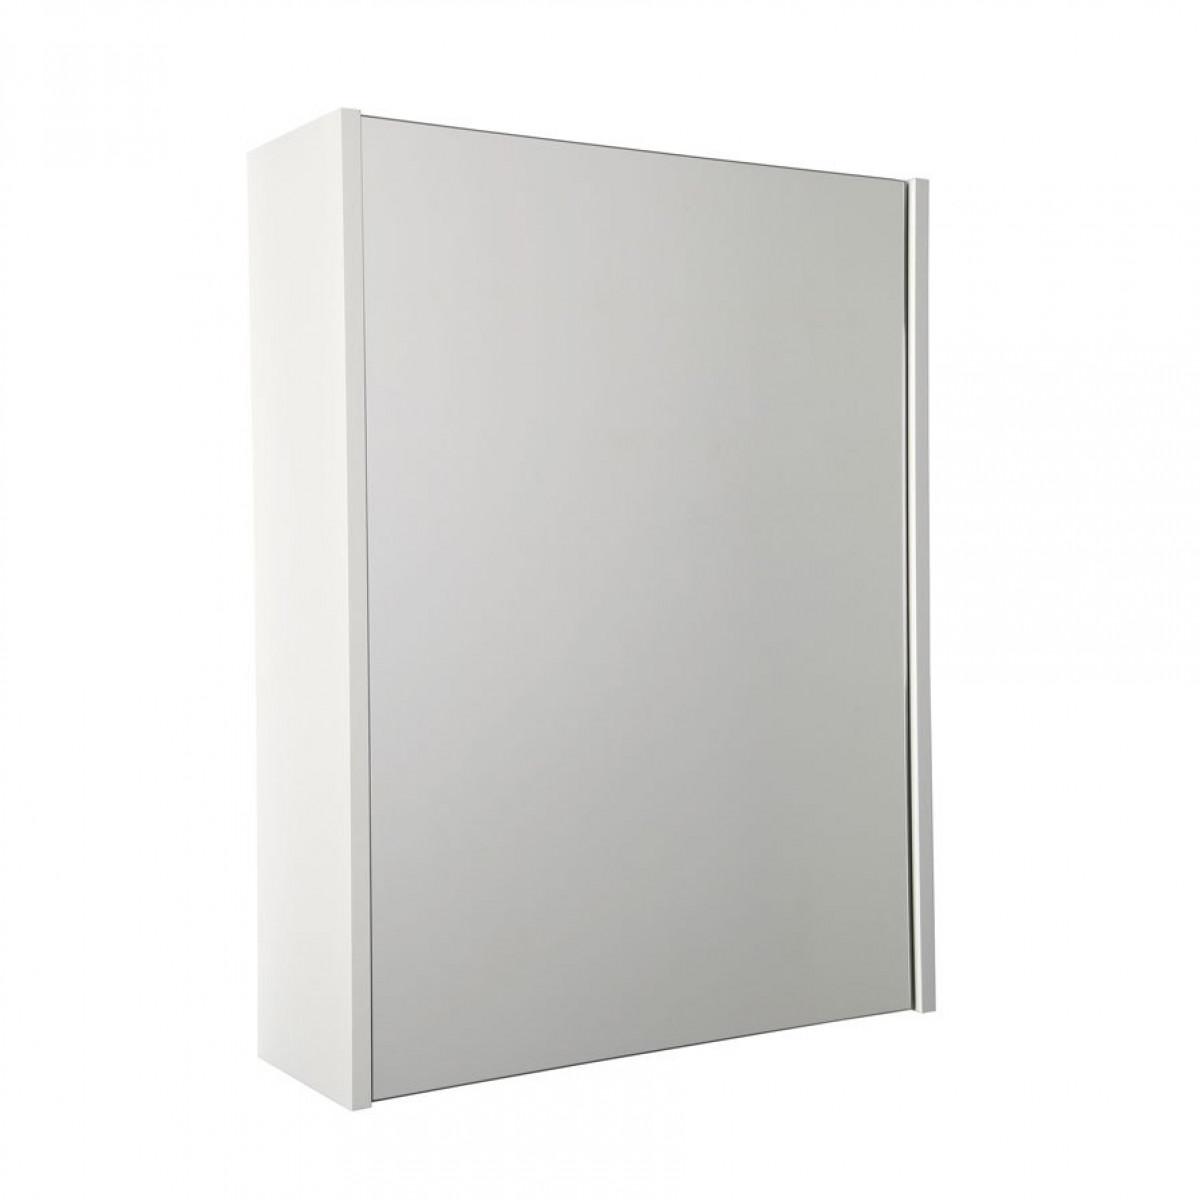 Croydex Aldford Single Door Mirror Cabinet